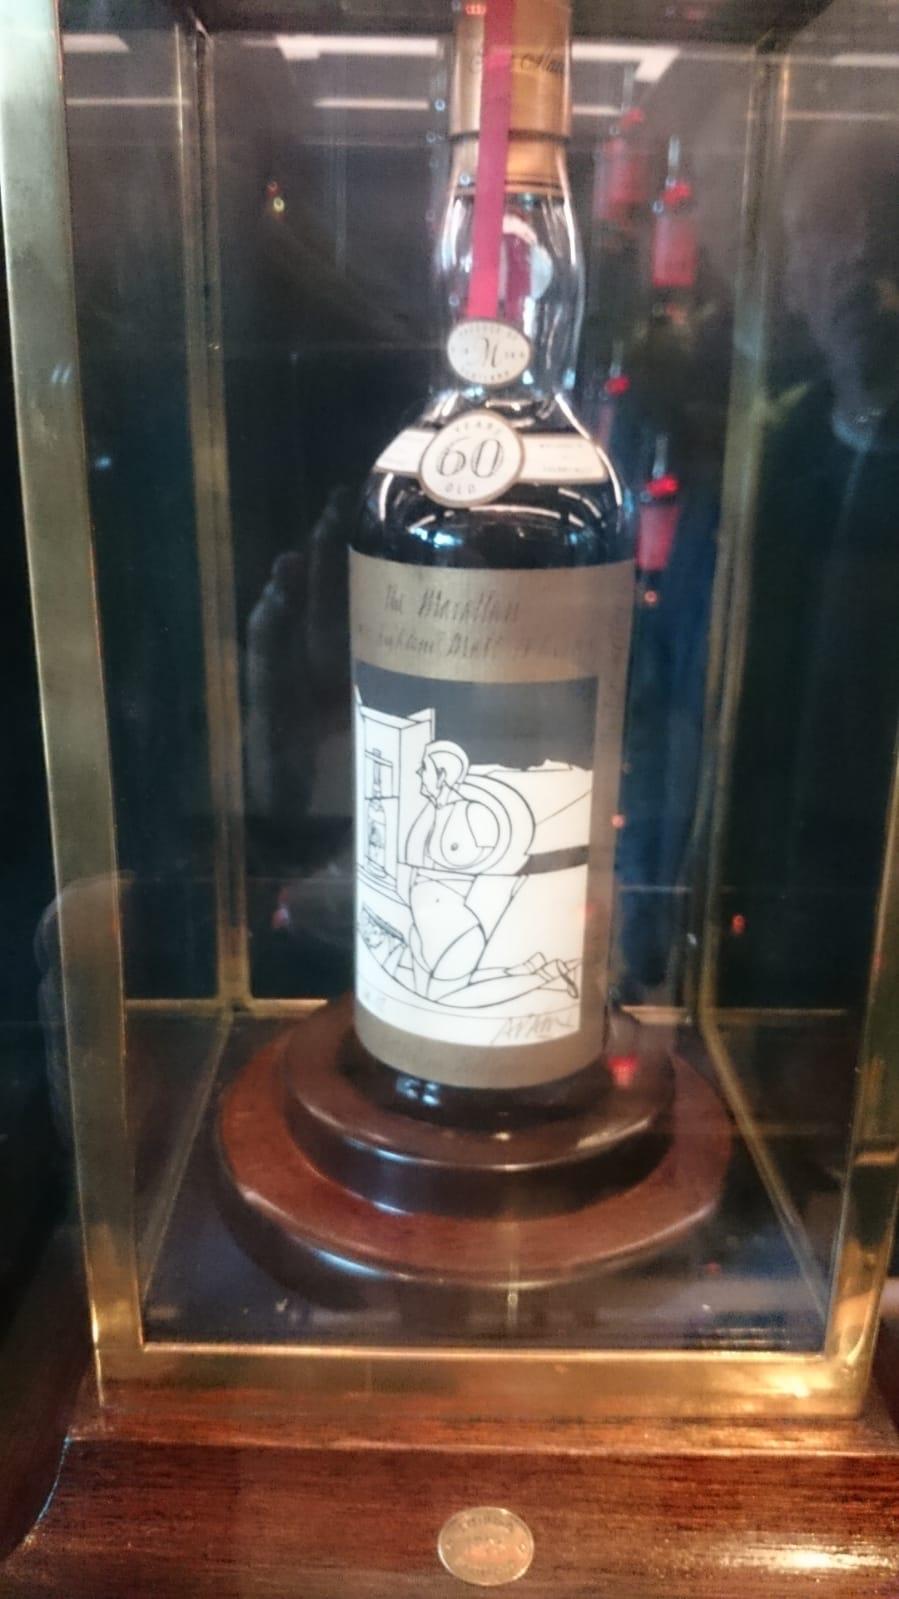 Die 850.000-Pfund-Macallan-Flasche (leider etwas unscharf)